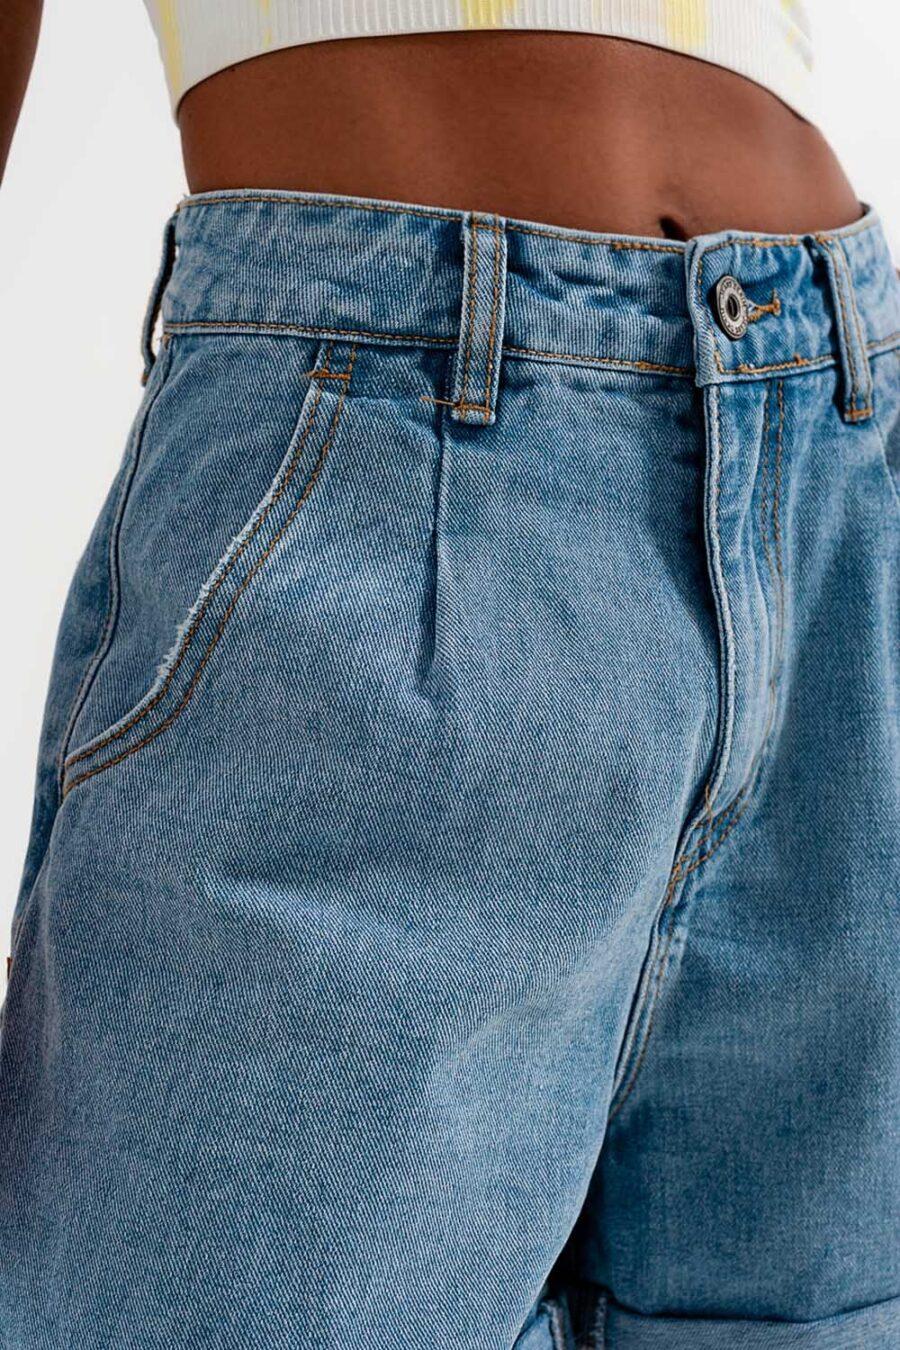 """Shorts con bajo vueltatrabillas para el cinturón bragueta de cremallera cuatro bolsillos en un denim no elástico <i class=""""fa fa-circle""""></i> 100% Algodon. <i class=""""fa fa-circle""""></i> La modelo lleva la talla S. <i class=""""fa fa-circle""""></i> La modelo mide: 81-61-96 Altura: 1'73m. <i class=""""fa fa-circle""""></i> Talla normal. <i class=""""fa fa-circle""""></i> Corte normal. Alabama Shop"""